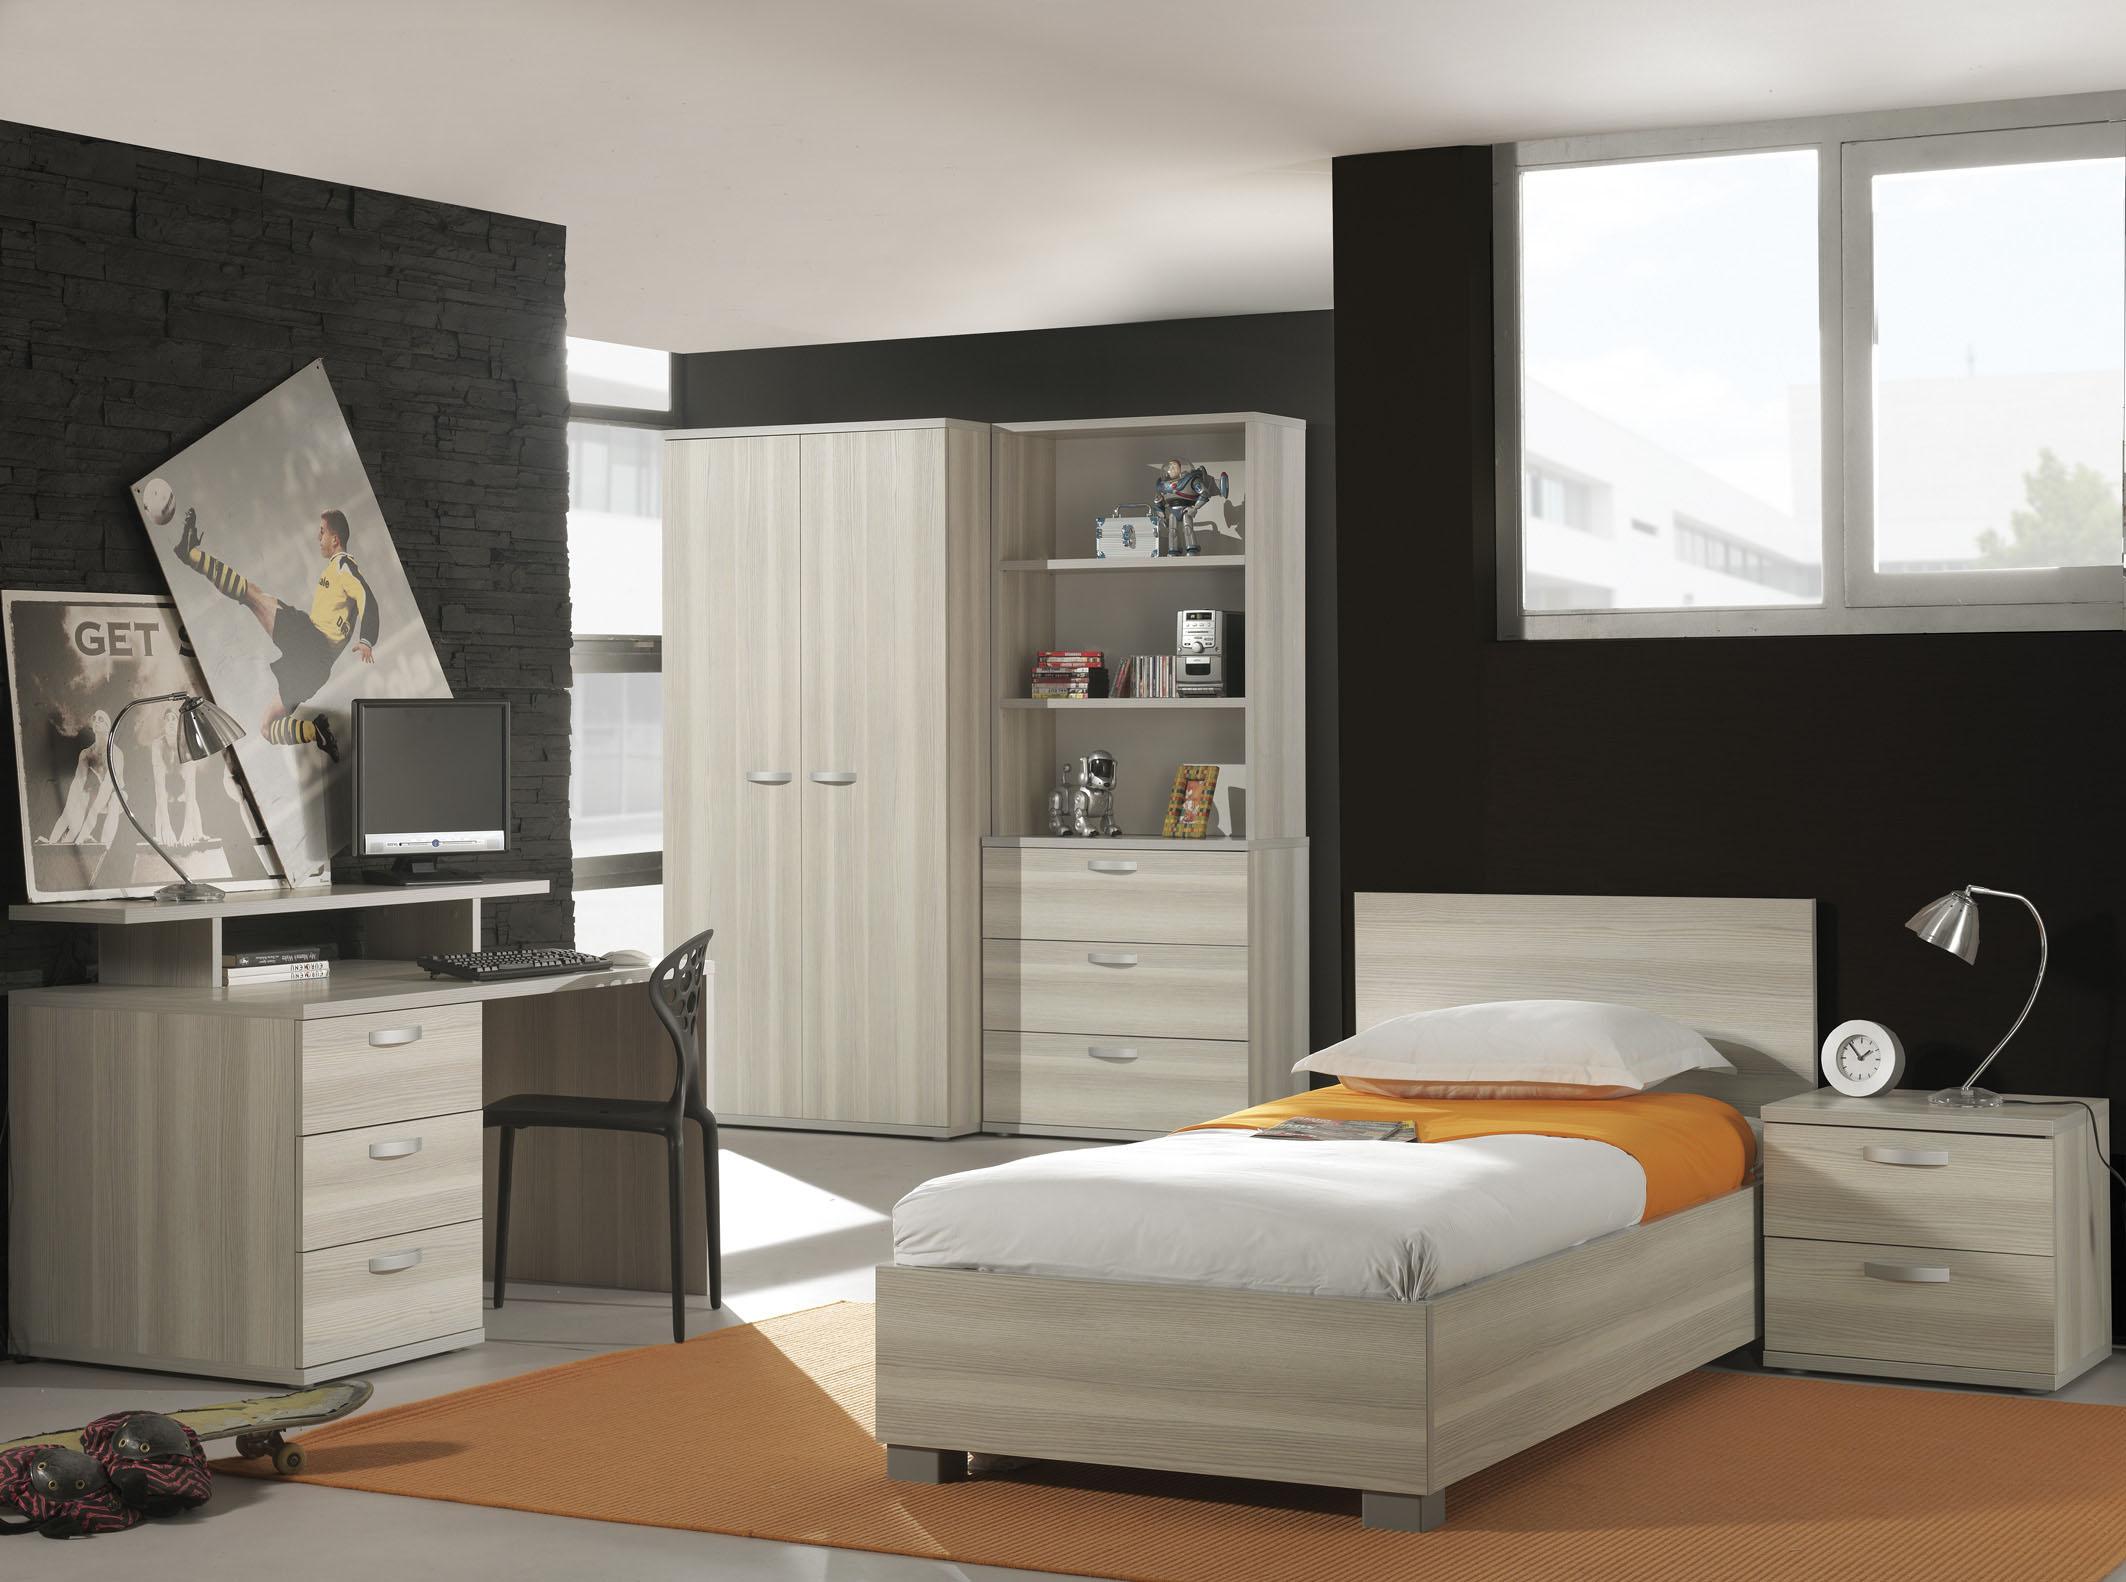 jeugdkamer liam meubelen voor thuis salons eetkamers slaapkamers relaxen bedden